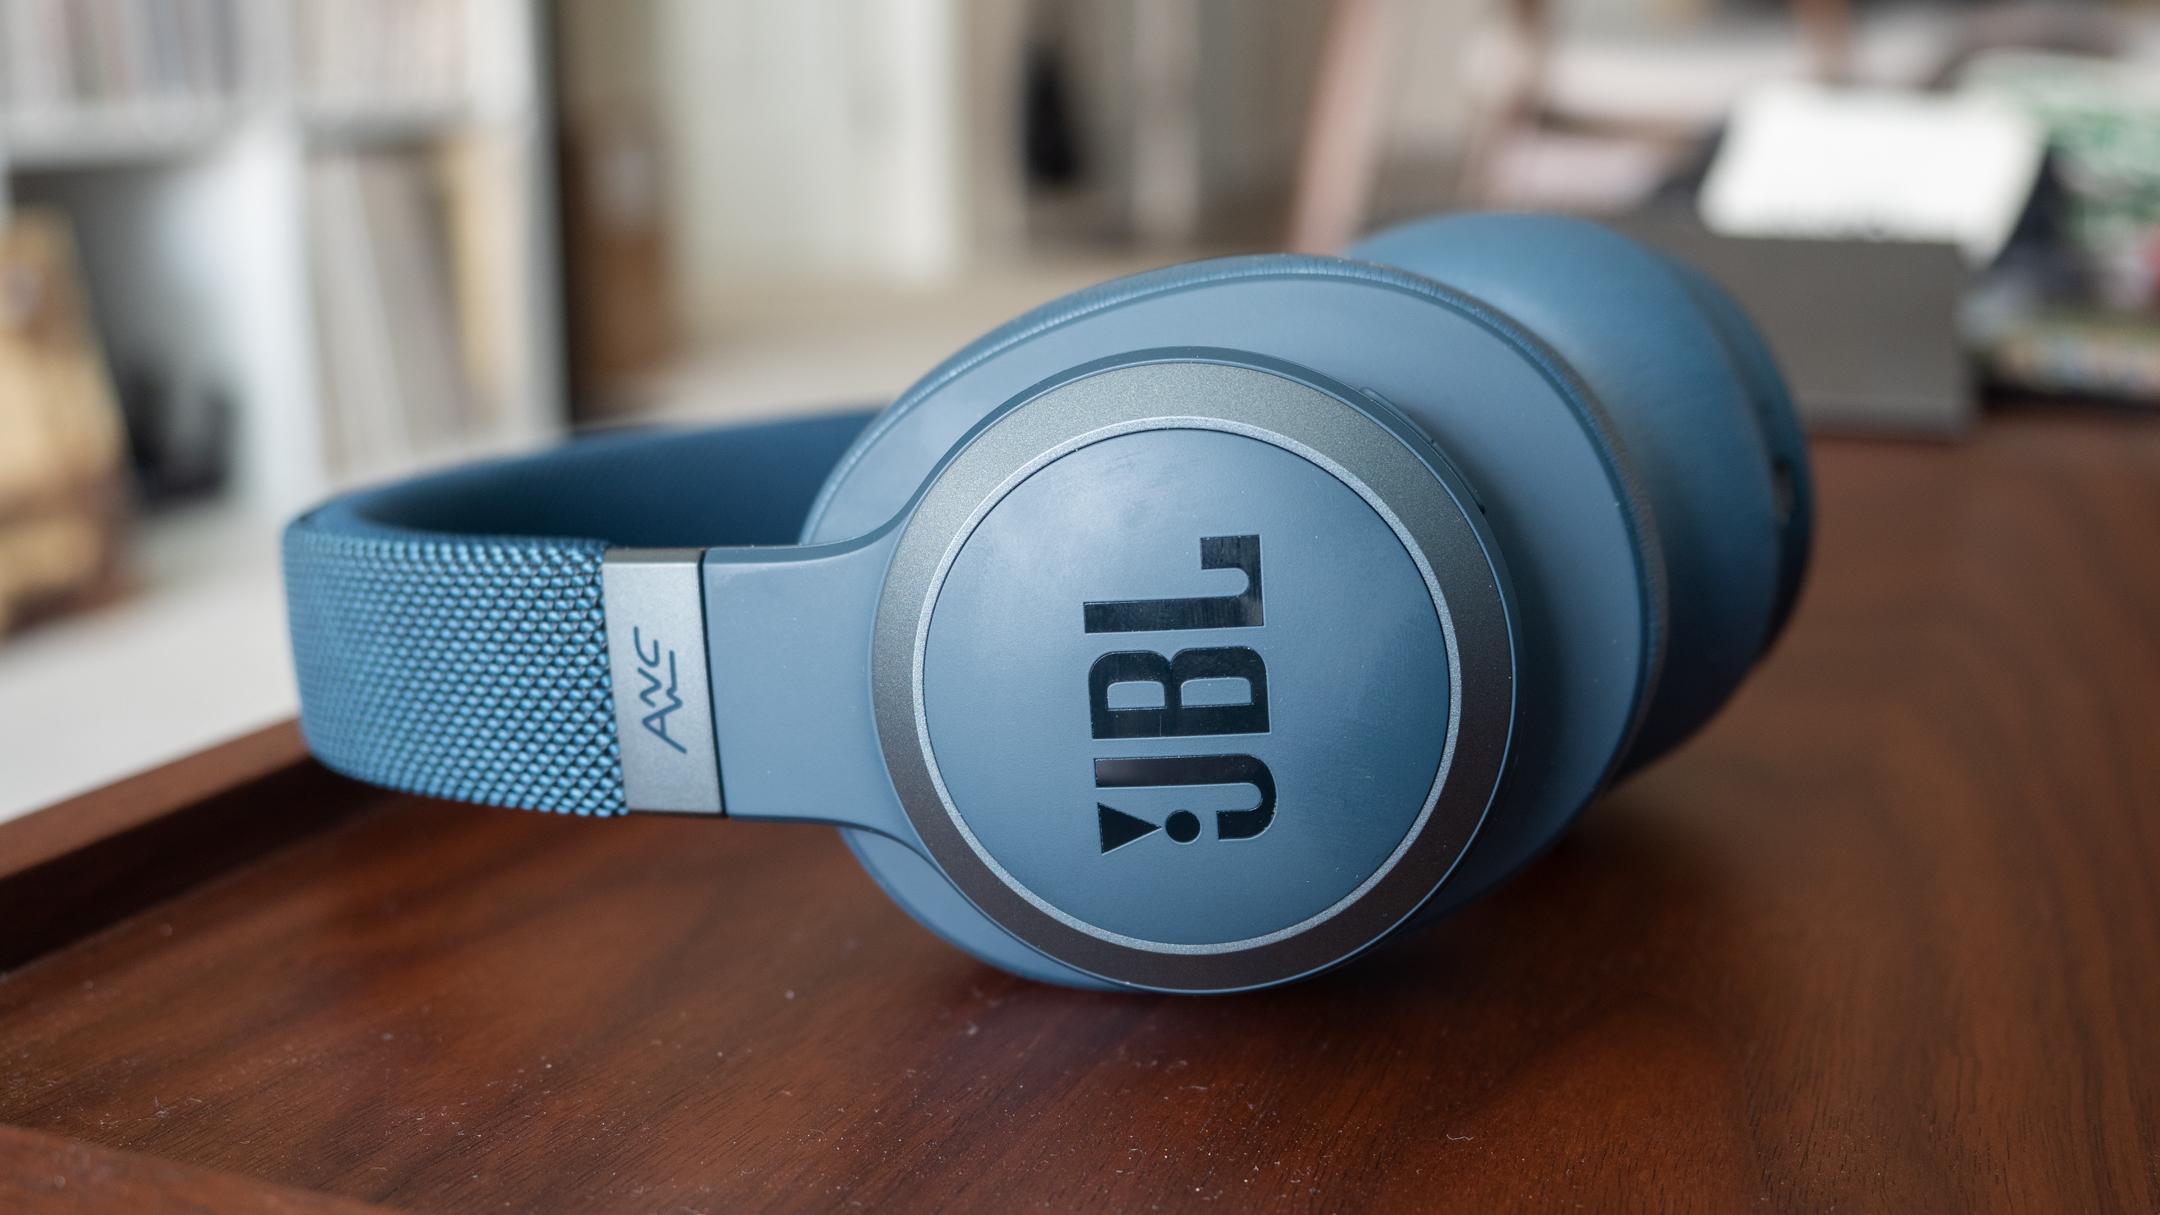 ▷ Los mejores auriculares para colocar sobre las orejas 2019: las latas más cómodas y con mejor sonido 18